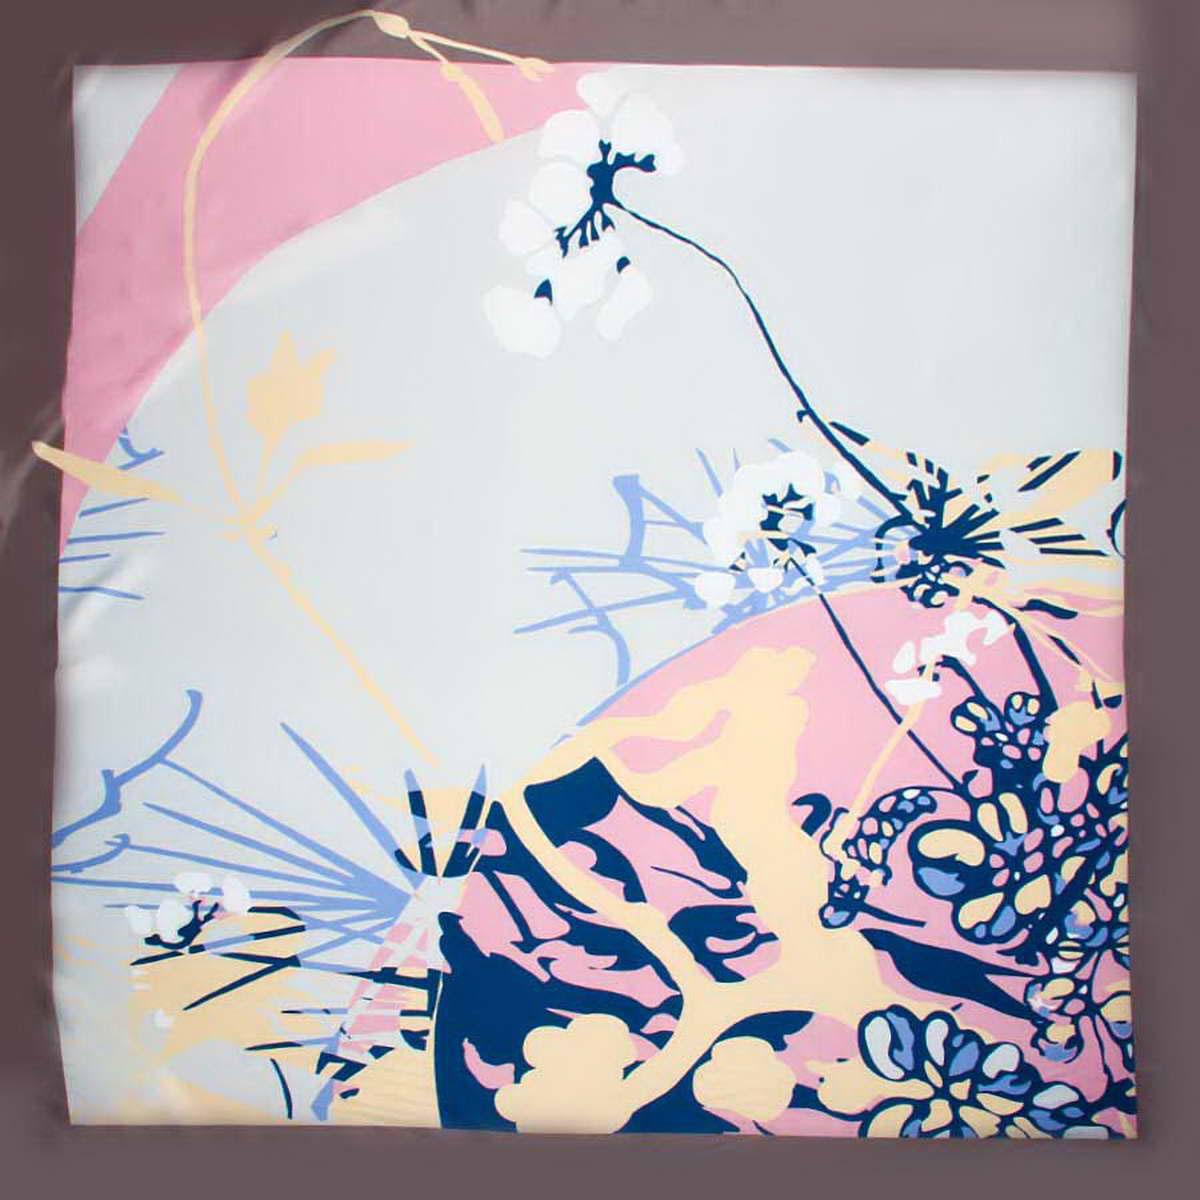 Платок3915183-12Яркий и стильный женский платок Venera изготовлен из легкого и нежного полиэстера, не оставит равнодушной ни одну настоящую модницу. Сочетание цветов очень оригинальное и безупречное, а рисунки с геометрическими элементами создают эффект гипнотического поля, которое завораживает собою и дарит ощущение невероятного и космического. Классическая квадратная форма позволяет носить платок на шее, украшать им прическу или декорировать сумочку. Платок Venera превосходно дополнит любой наряд и подчеркнет ваш неповторимый вкус и элегантность.